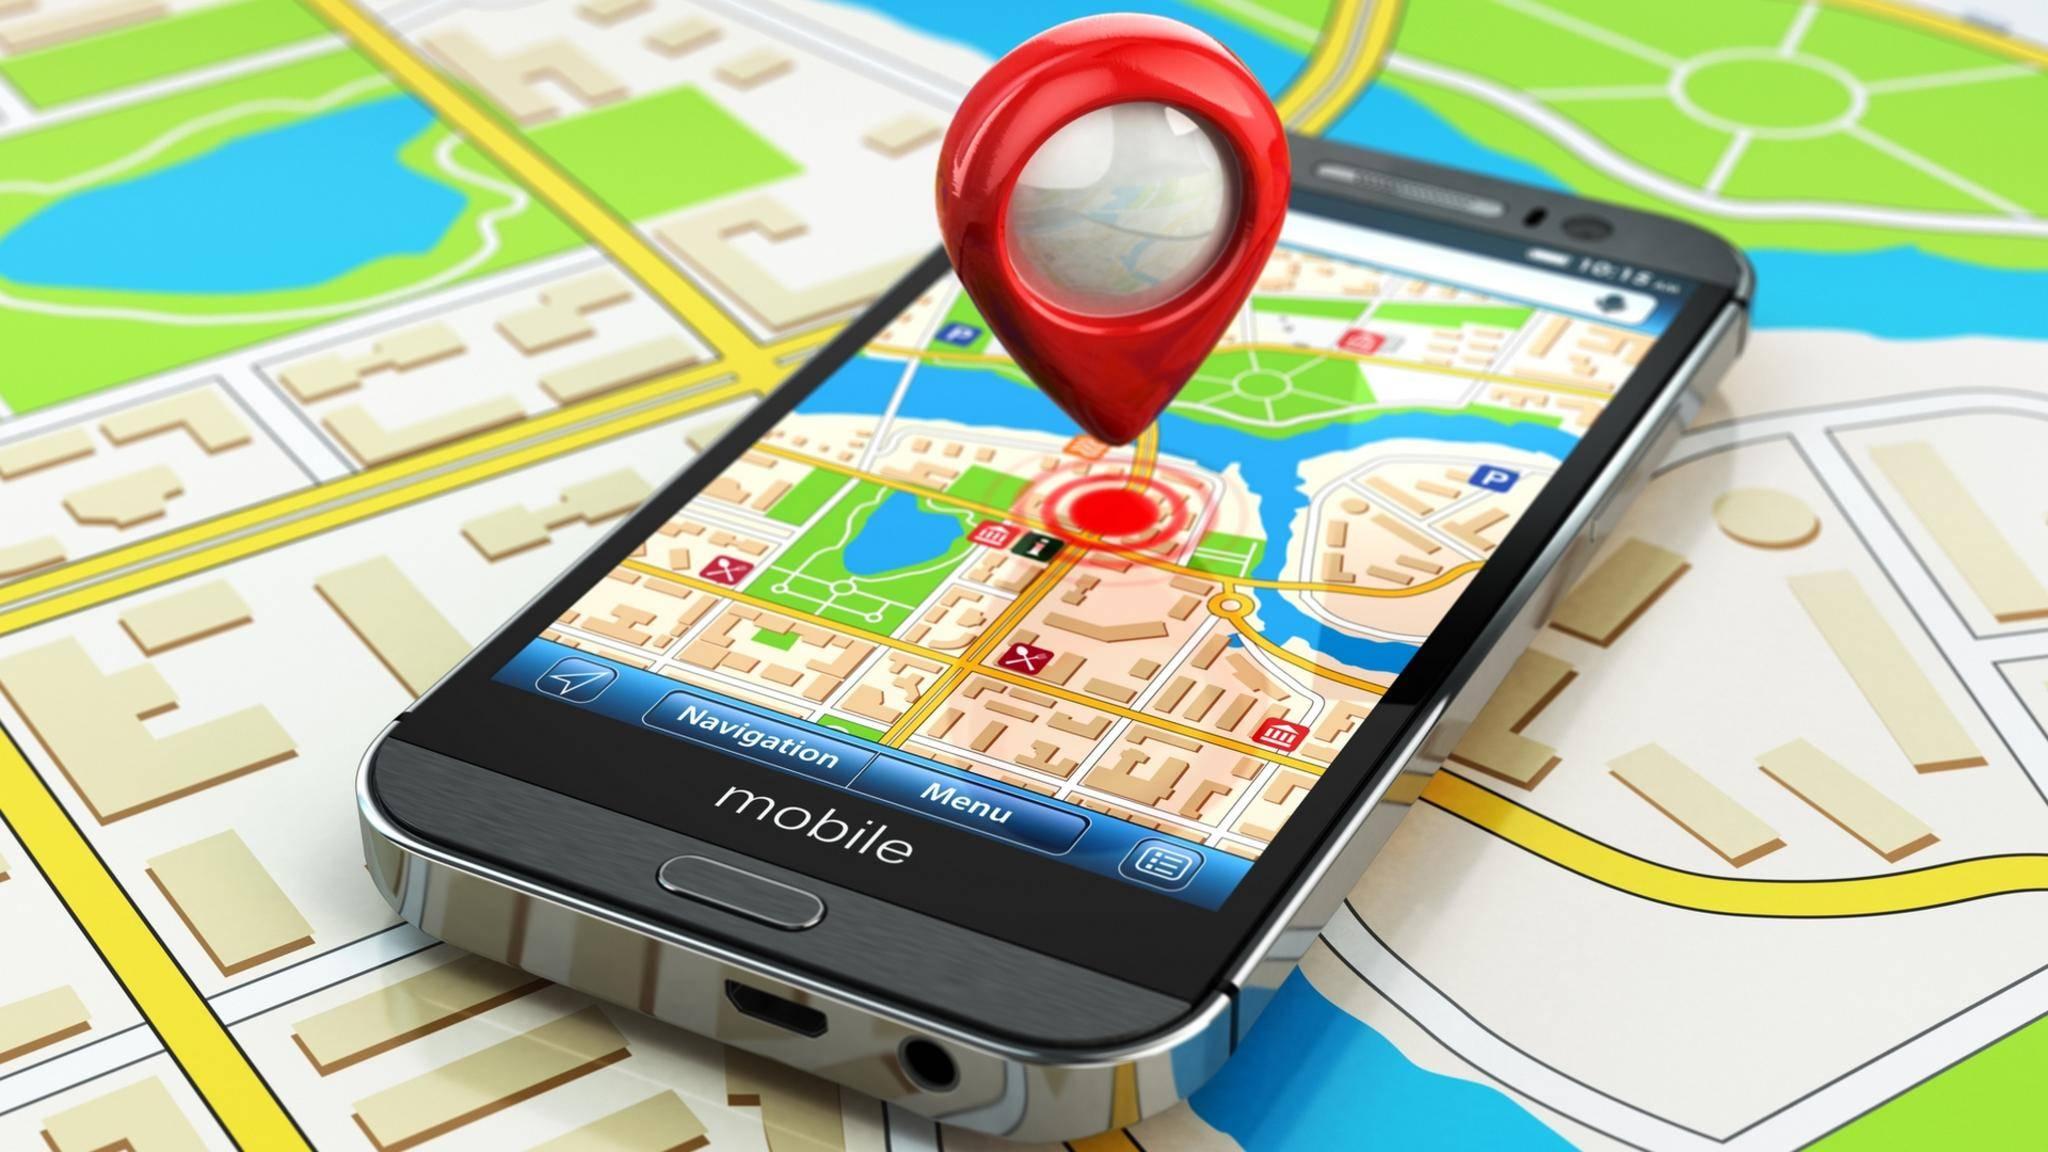 Wir erklären, wie Du in Google Maps Deinen Standort anzeigen lassen kannst.